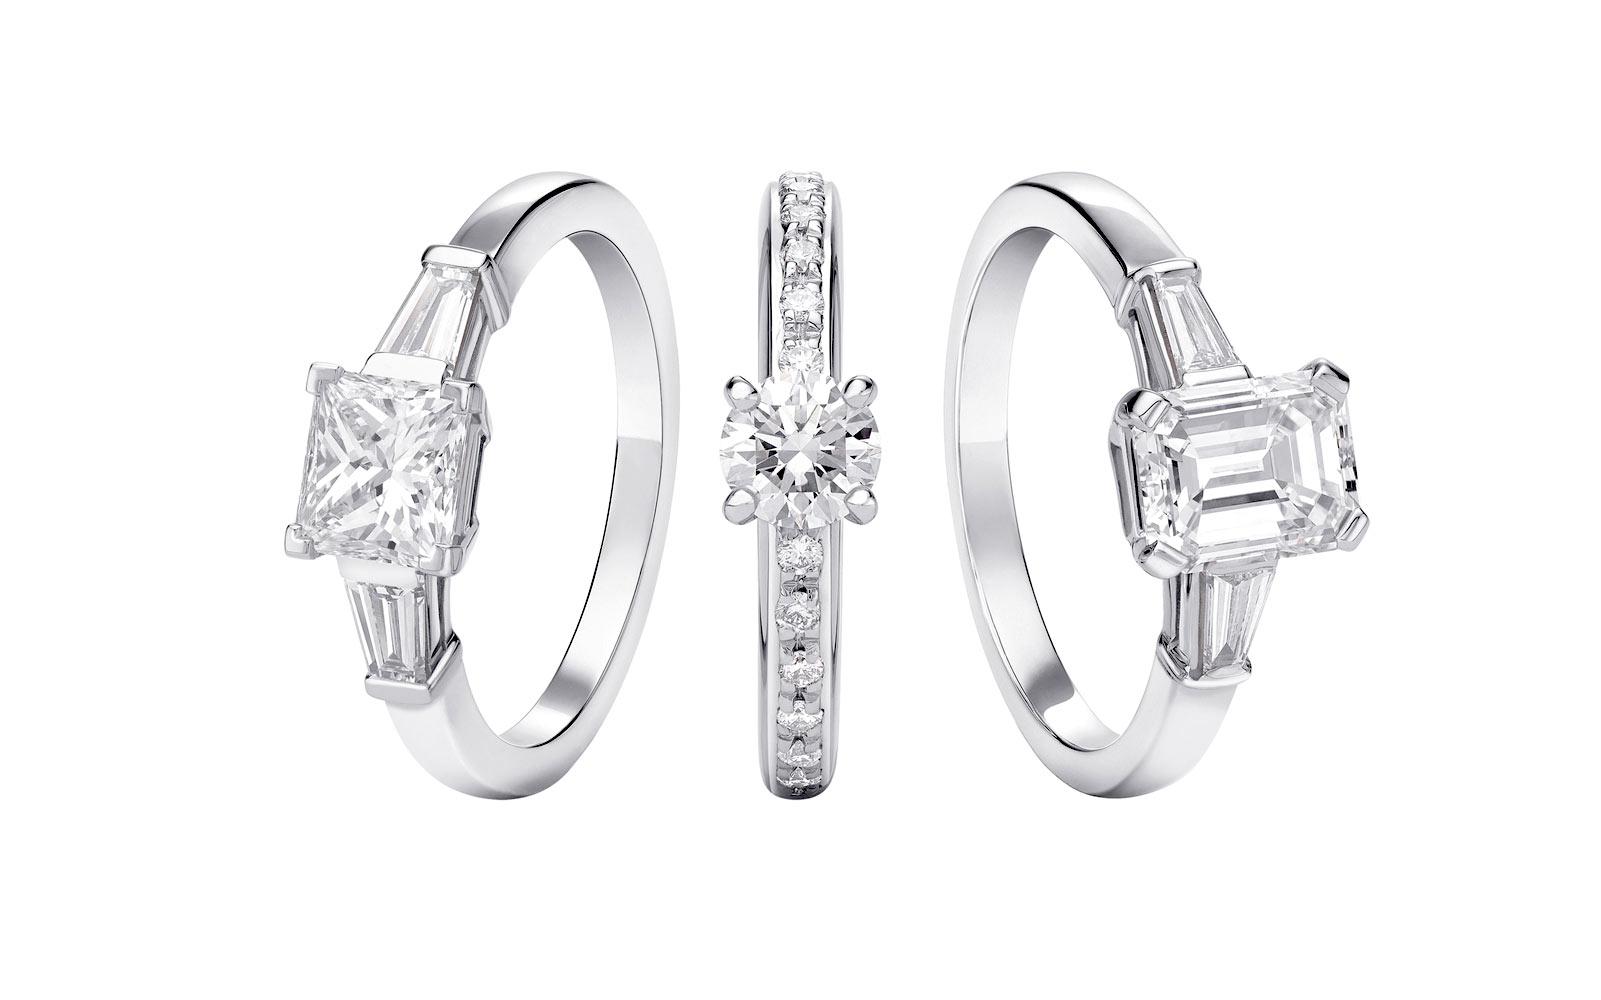 Платина и белое золото. Какой металл лучше подойдет для обручального кольца?